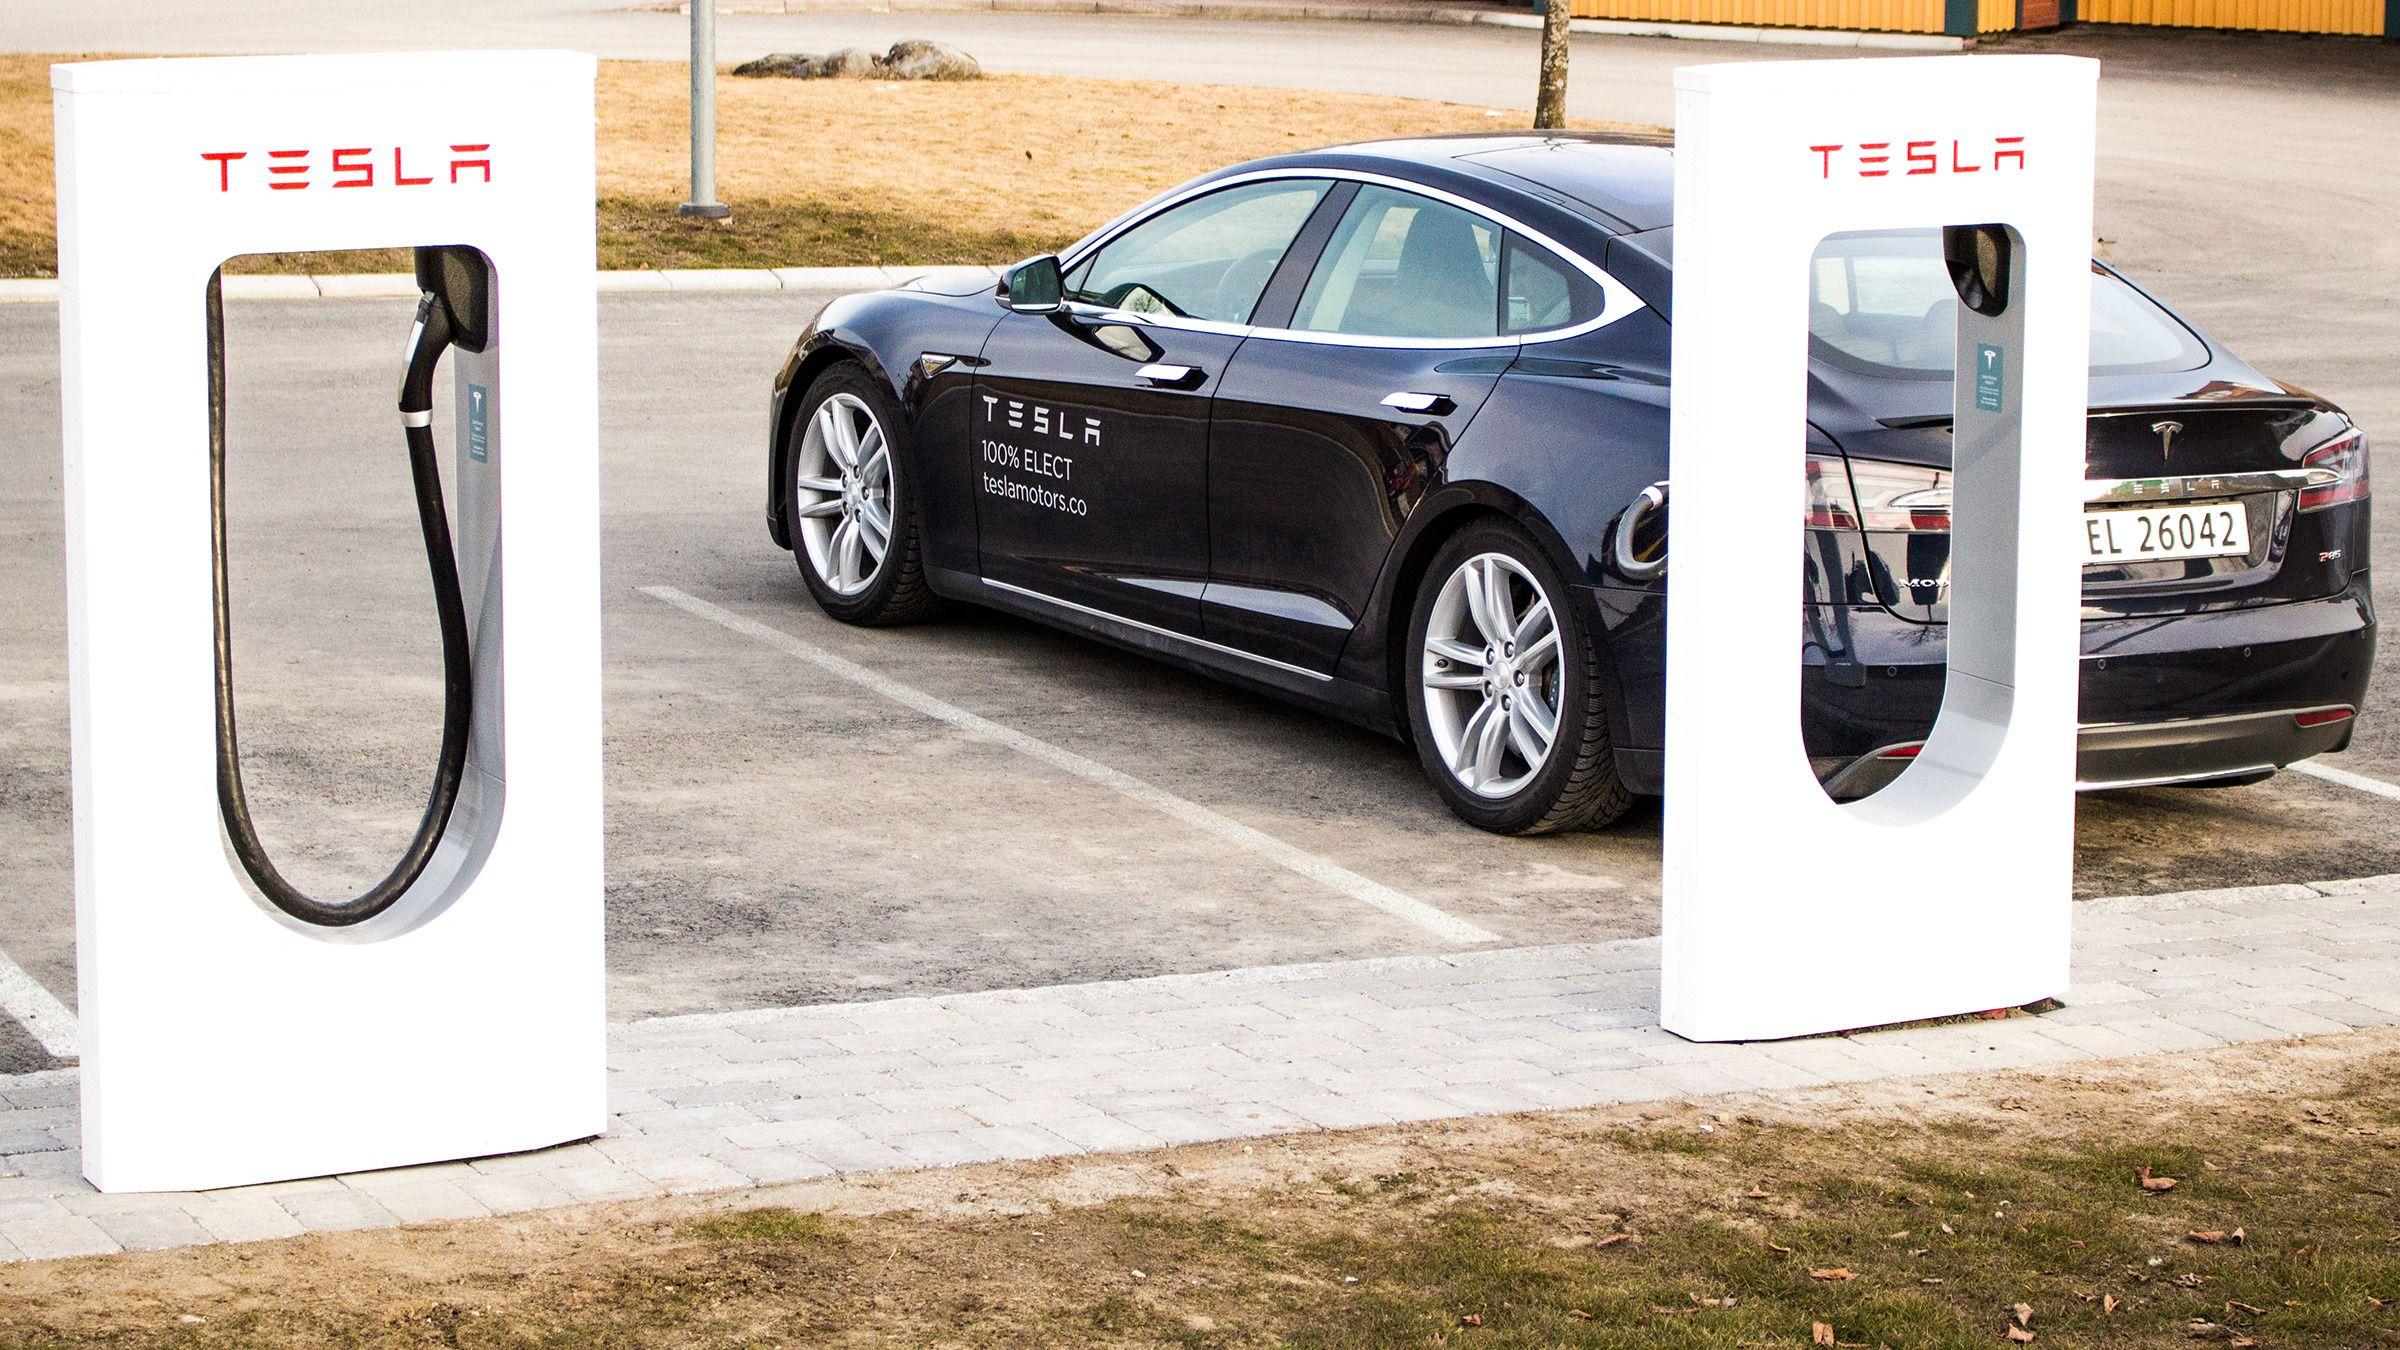 Nå vil Tesla la deg bytte hele batteriet fremfor å lade bilen her